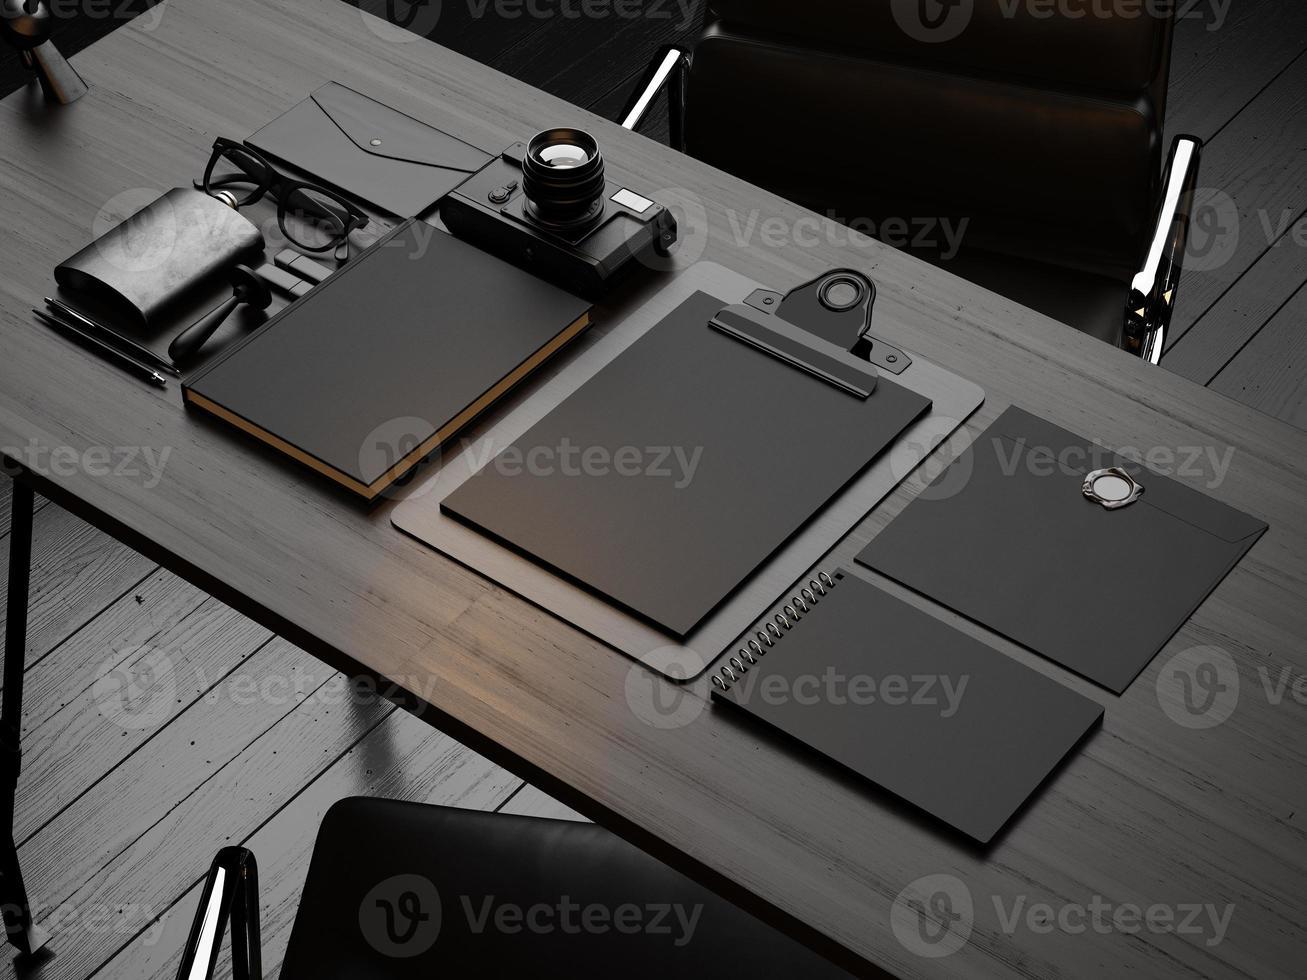 ensemble d'éléments de maquette sur la table en bois. Rendu 3D photo